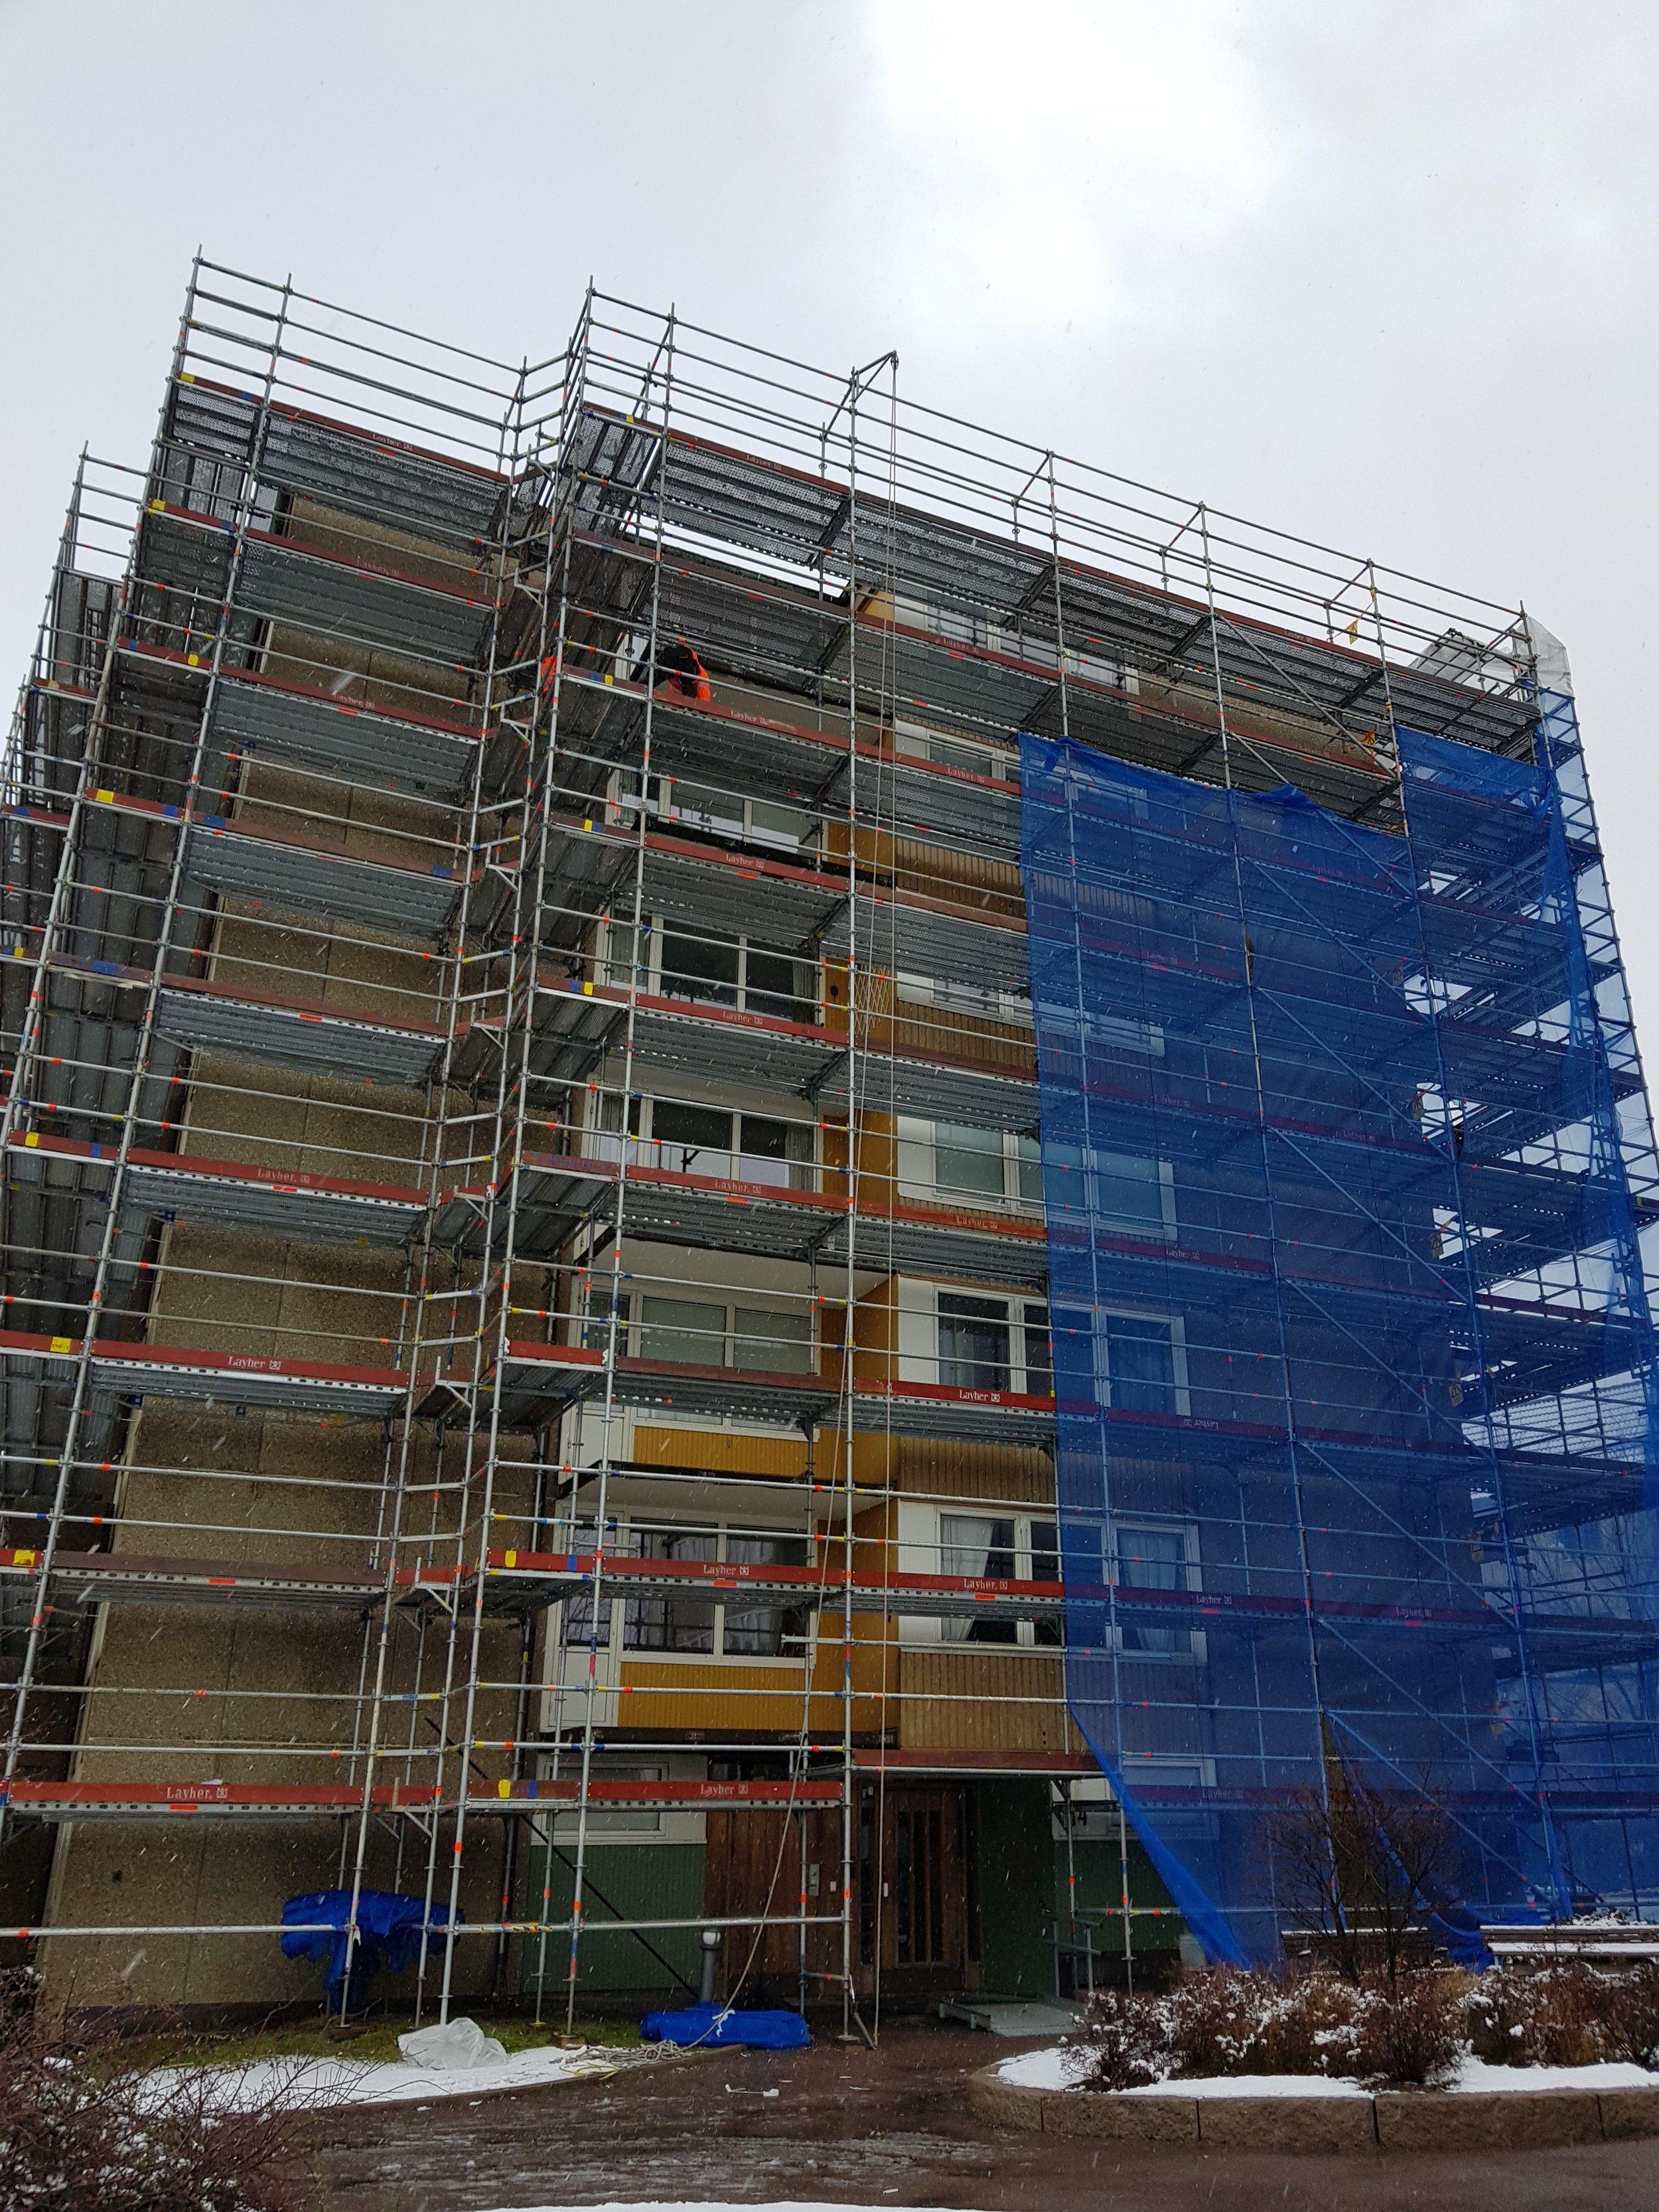 Chapmansgatan - Ett av våra hus som Walter byggde redan i slutet av 1960-talet. De första hyresgästerna flyttade in i början av 1970-talet och än idag har vi flertalet hyresgäster som bor kvar sen början. Under 2018 började vi med att renovera fasaderna och väntas vara klara 2019.